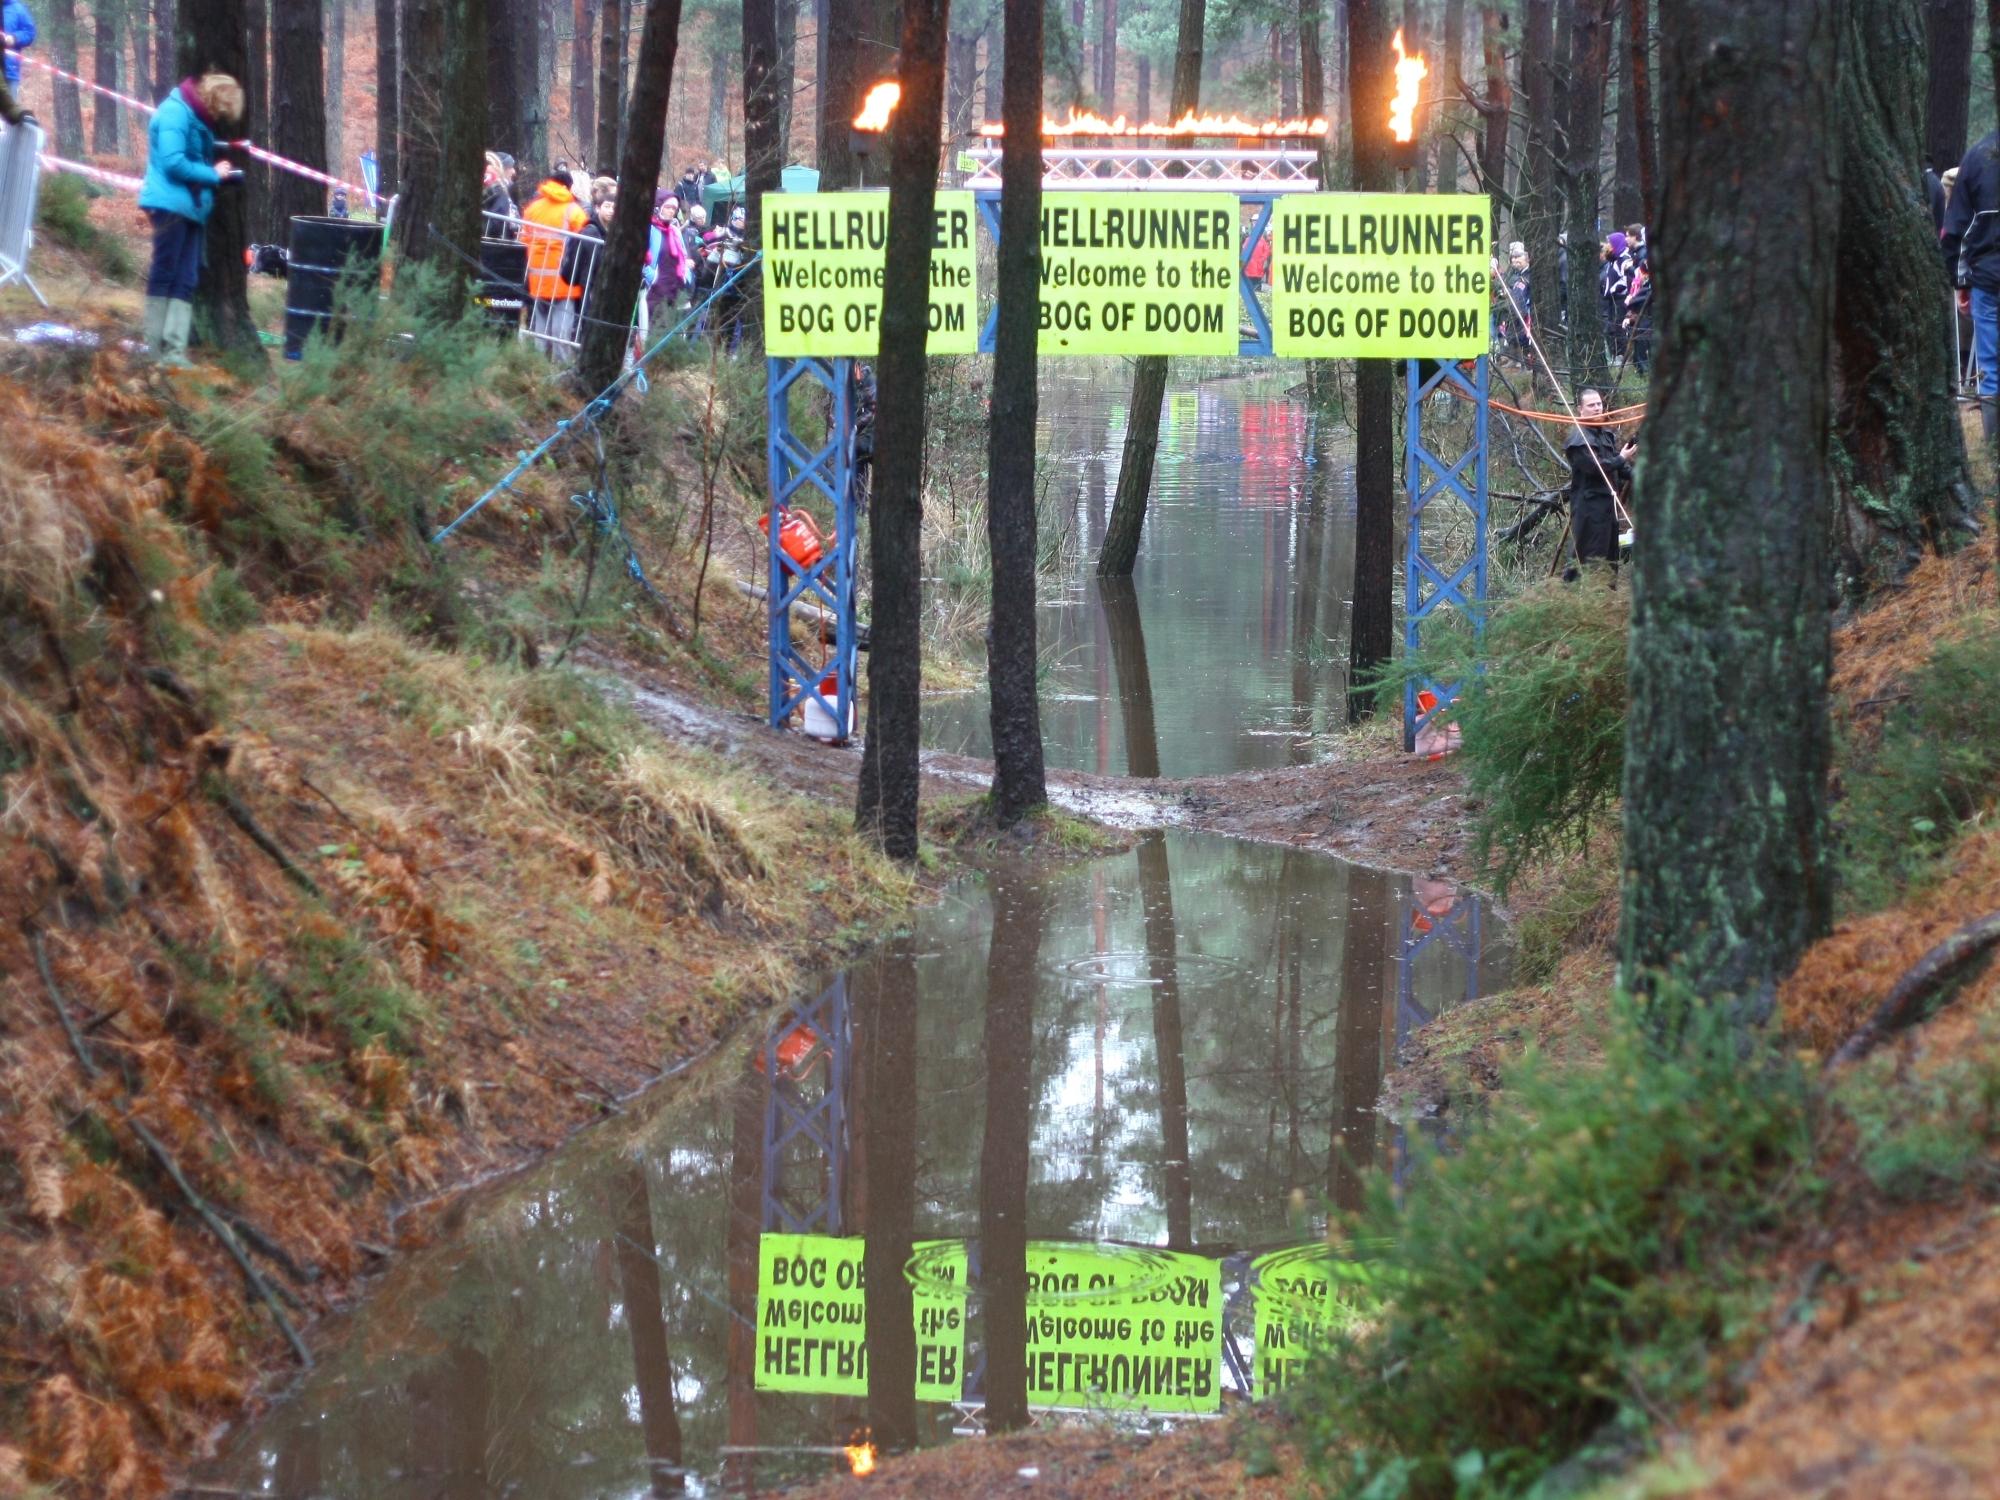 Entrance to the Bog of Doom